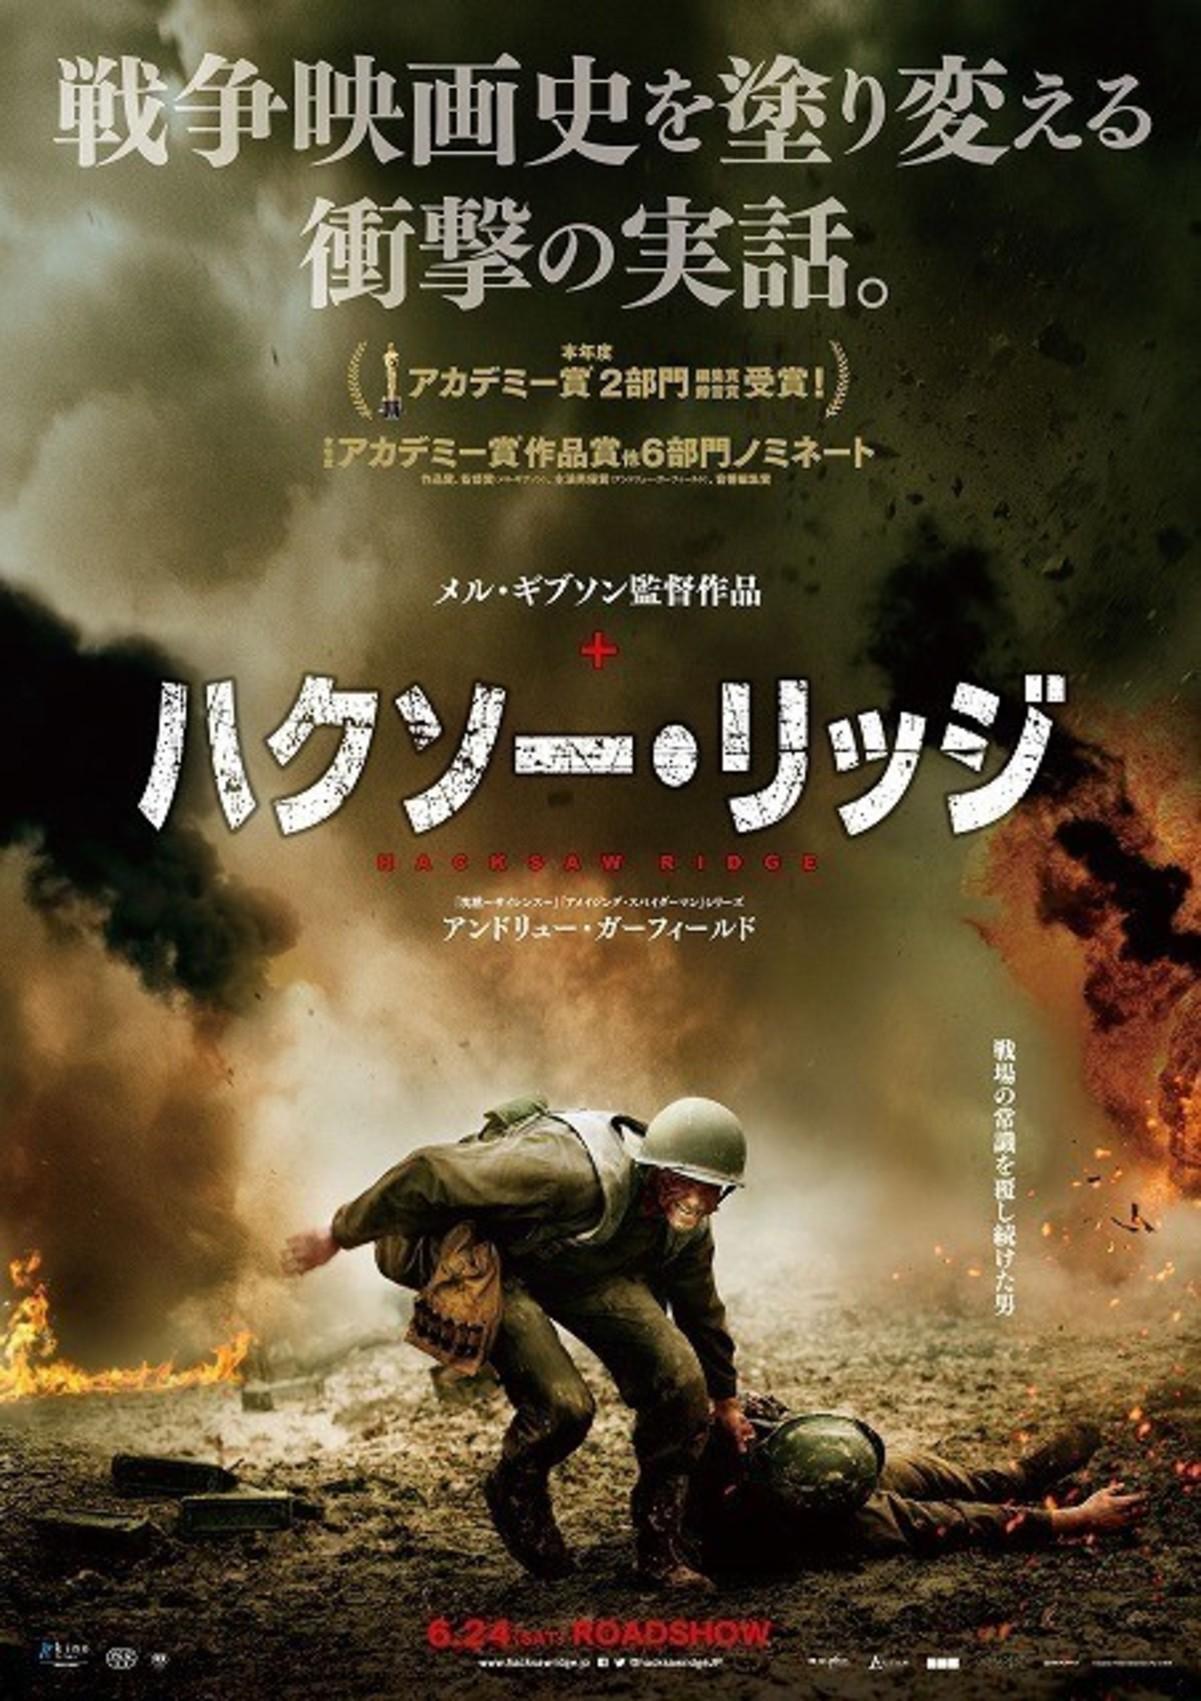 激戦地で命を救い続けた男の実話「ハクソー・リッジ」ティザーポスター ...